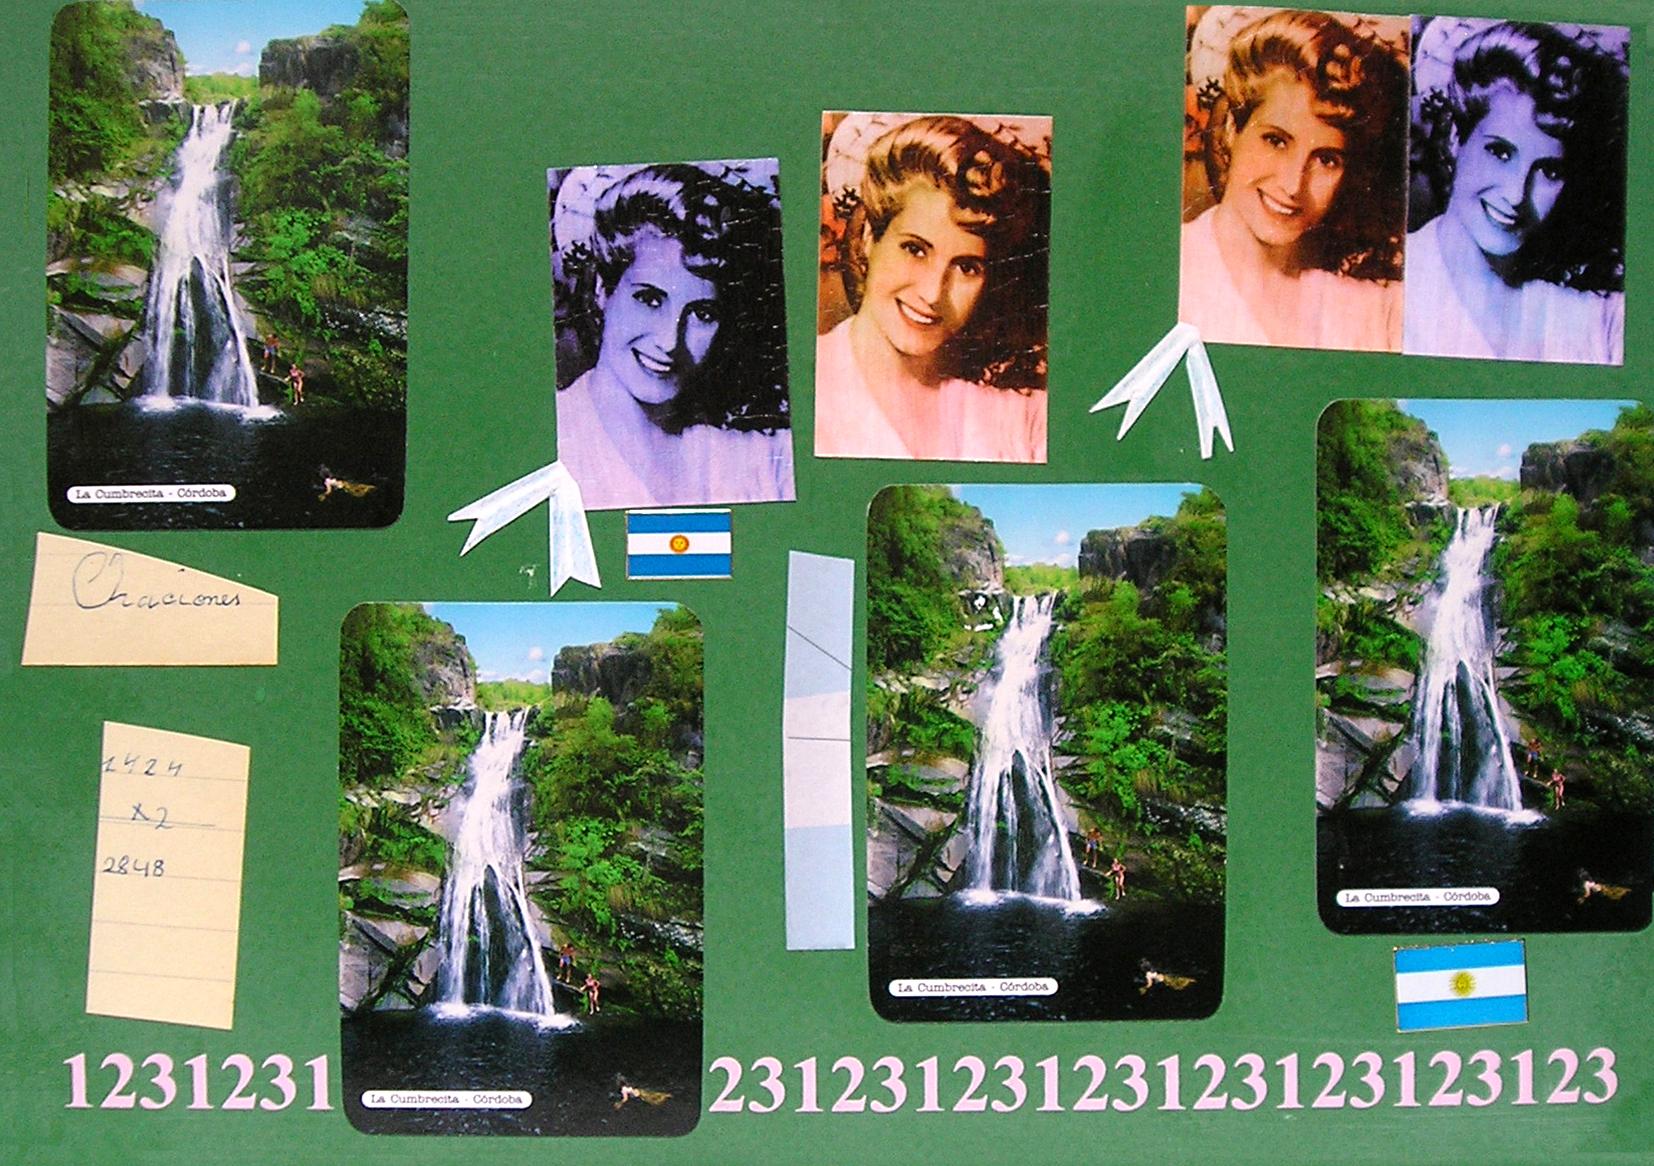 Evita Maestra recorre el país, La Cumbrecita , Córdoba; serie, técnica mixta sobre pizarrón; 21 x 30 cm, 2007